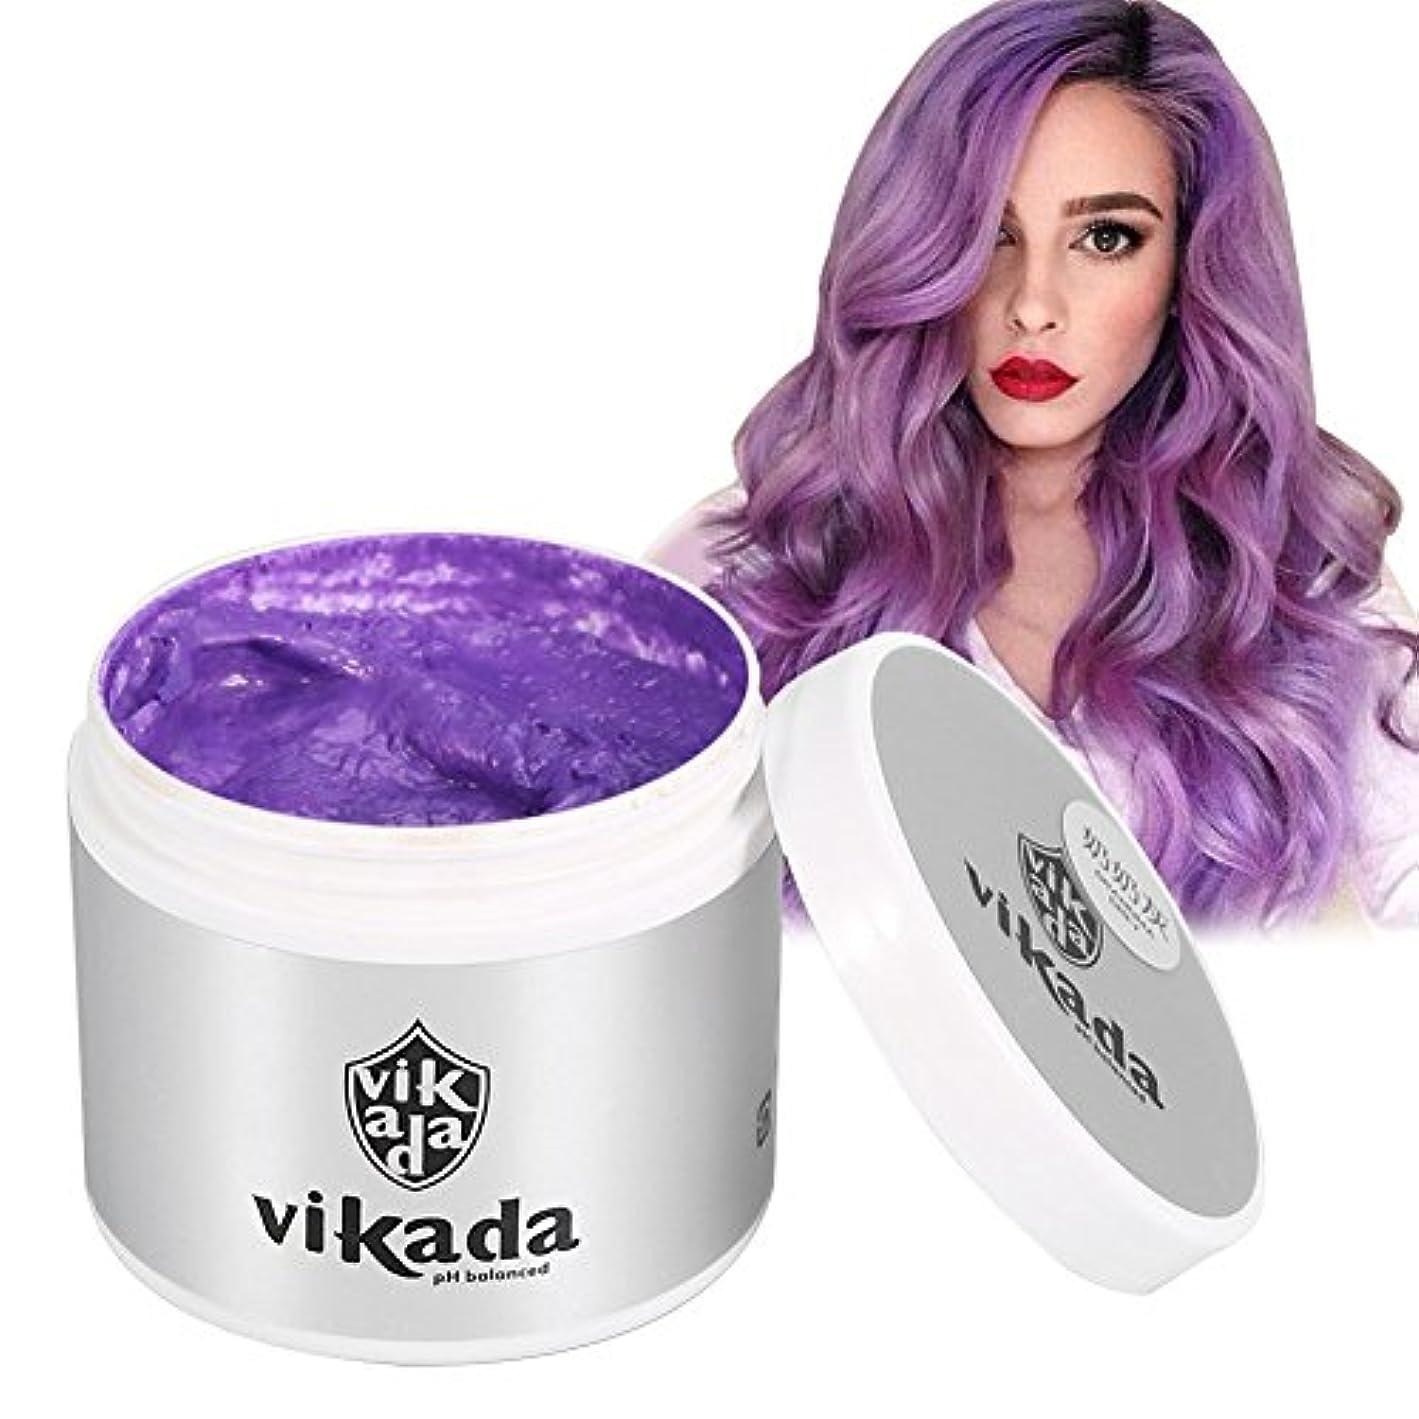 減る提供する時間厳守使い捨てスタイリングヘアカラークリーム、3色一時的な髪泥ワックス髪型ポマード用パーティーコスプレナイトクラブ仮装ハロウィーン(Purple)